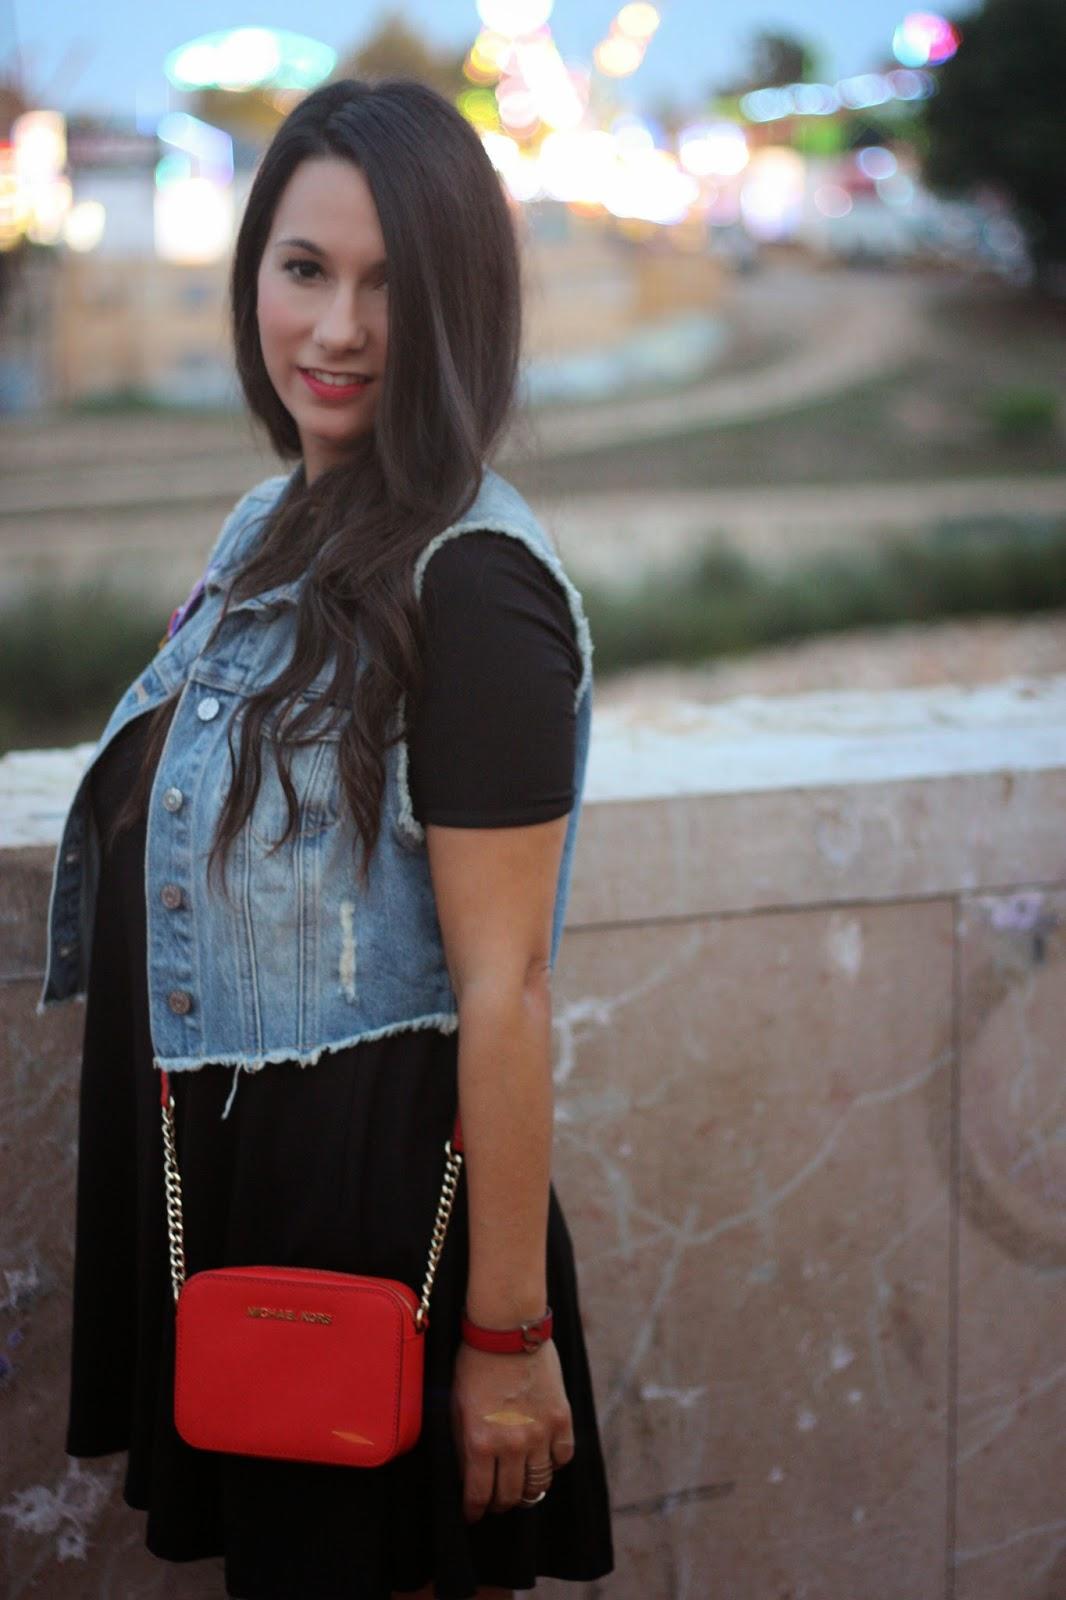 http://silviparalasamigas.blogspot.com.es/2014/10/look-ferias.html